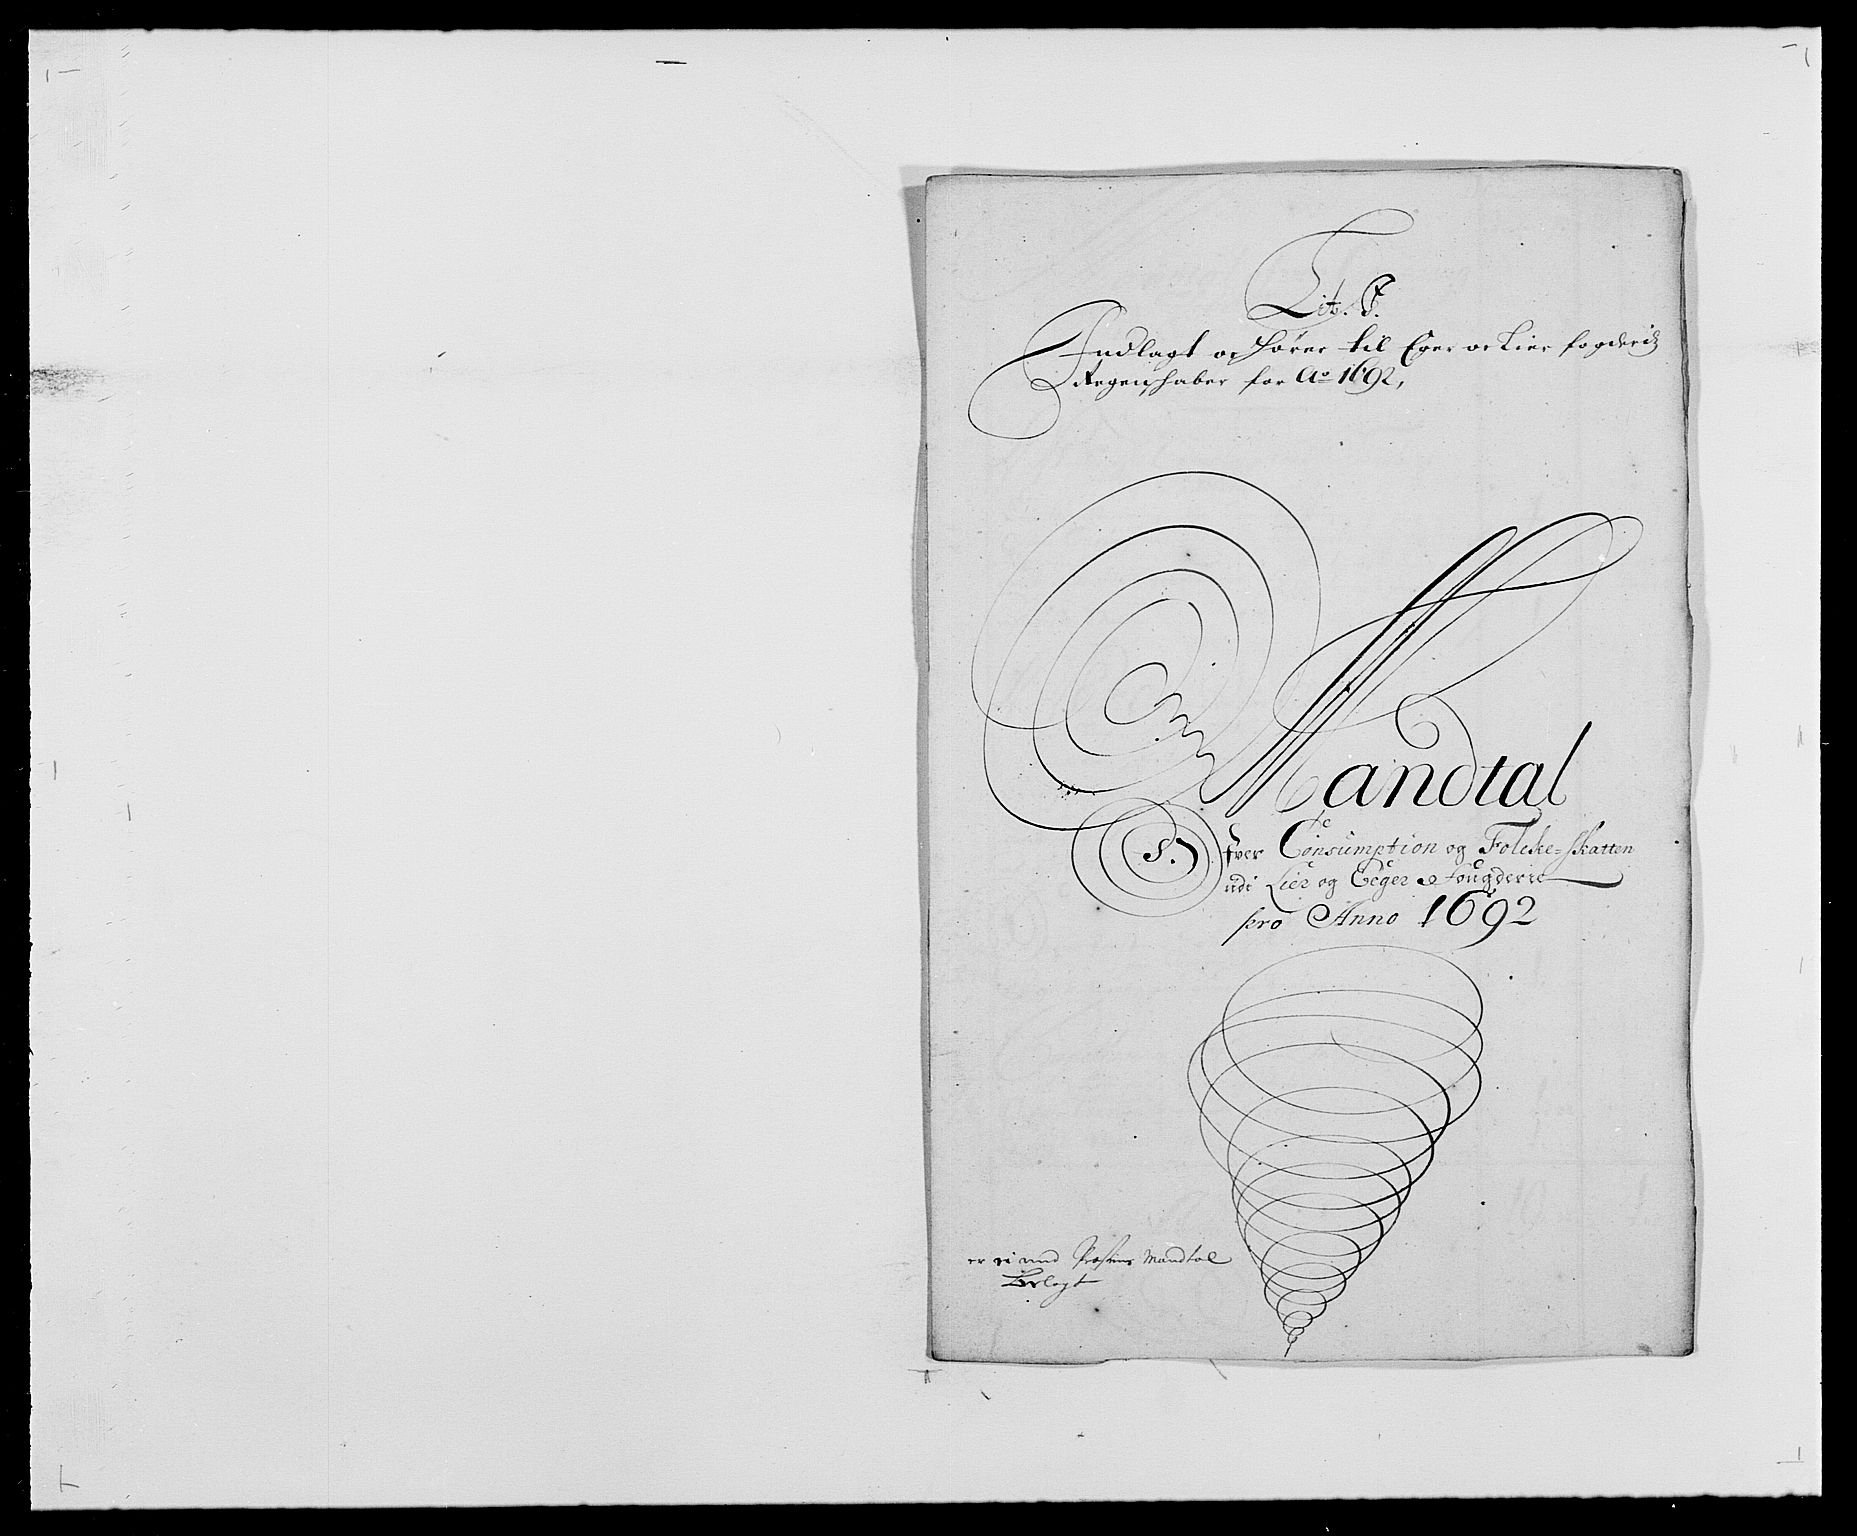 RA, Rentekammeret inntil 1814, Reviderte regnskaper, Fogderegnskap, R28/L1690: Fogderegnskap Eiker og Lier, 1692-1693, s. 87